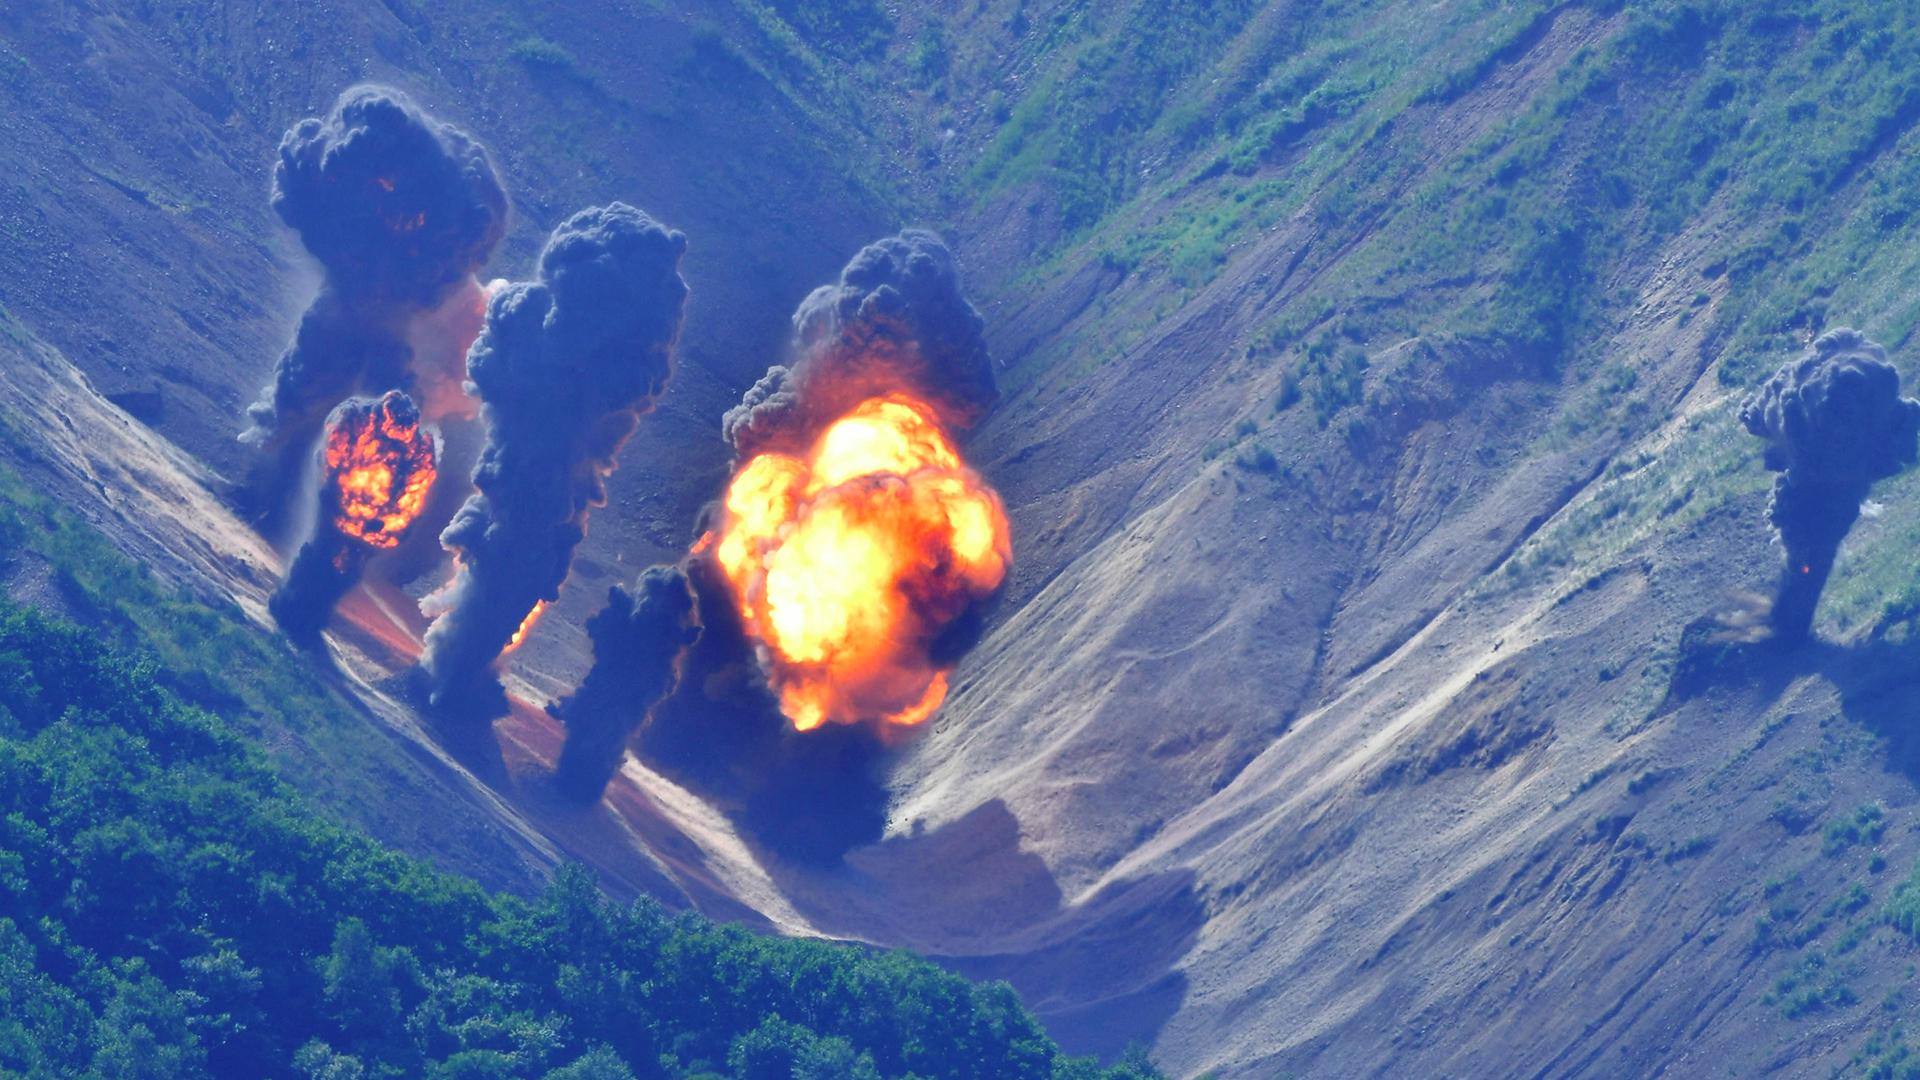 Efectos de un bombardeo de precisión sobre un blanco de práctica en la provincia de Gangwon, a 150 kilómetros de la frontera con Corea del Norte (AFP)